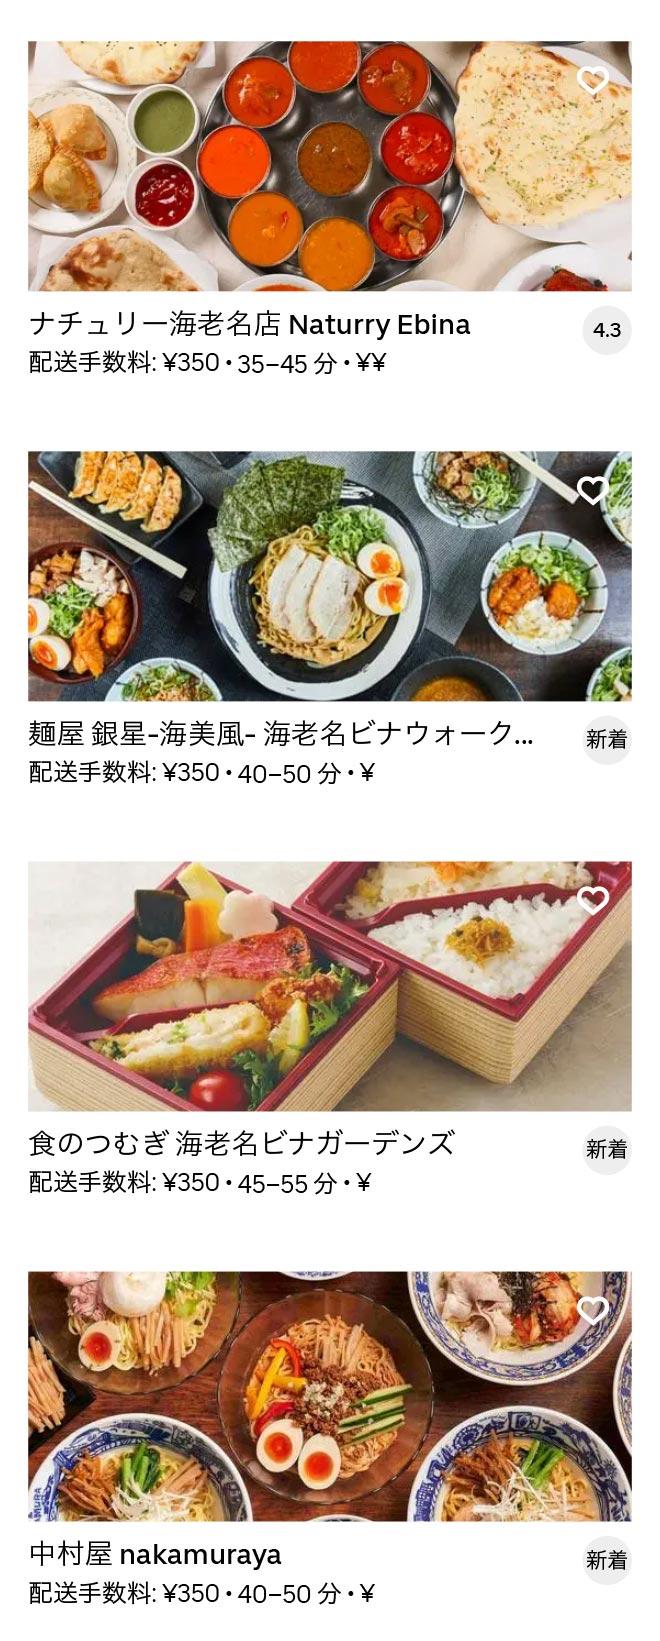 Honatsugi menu 2010 10